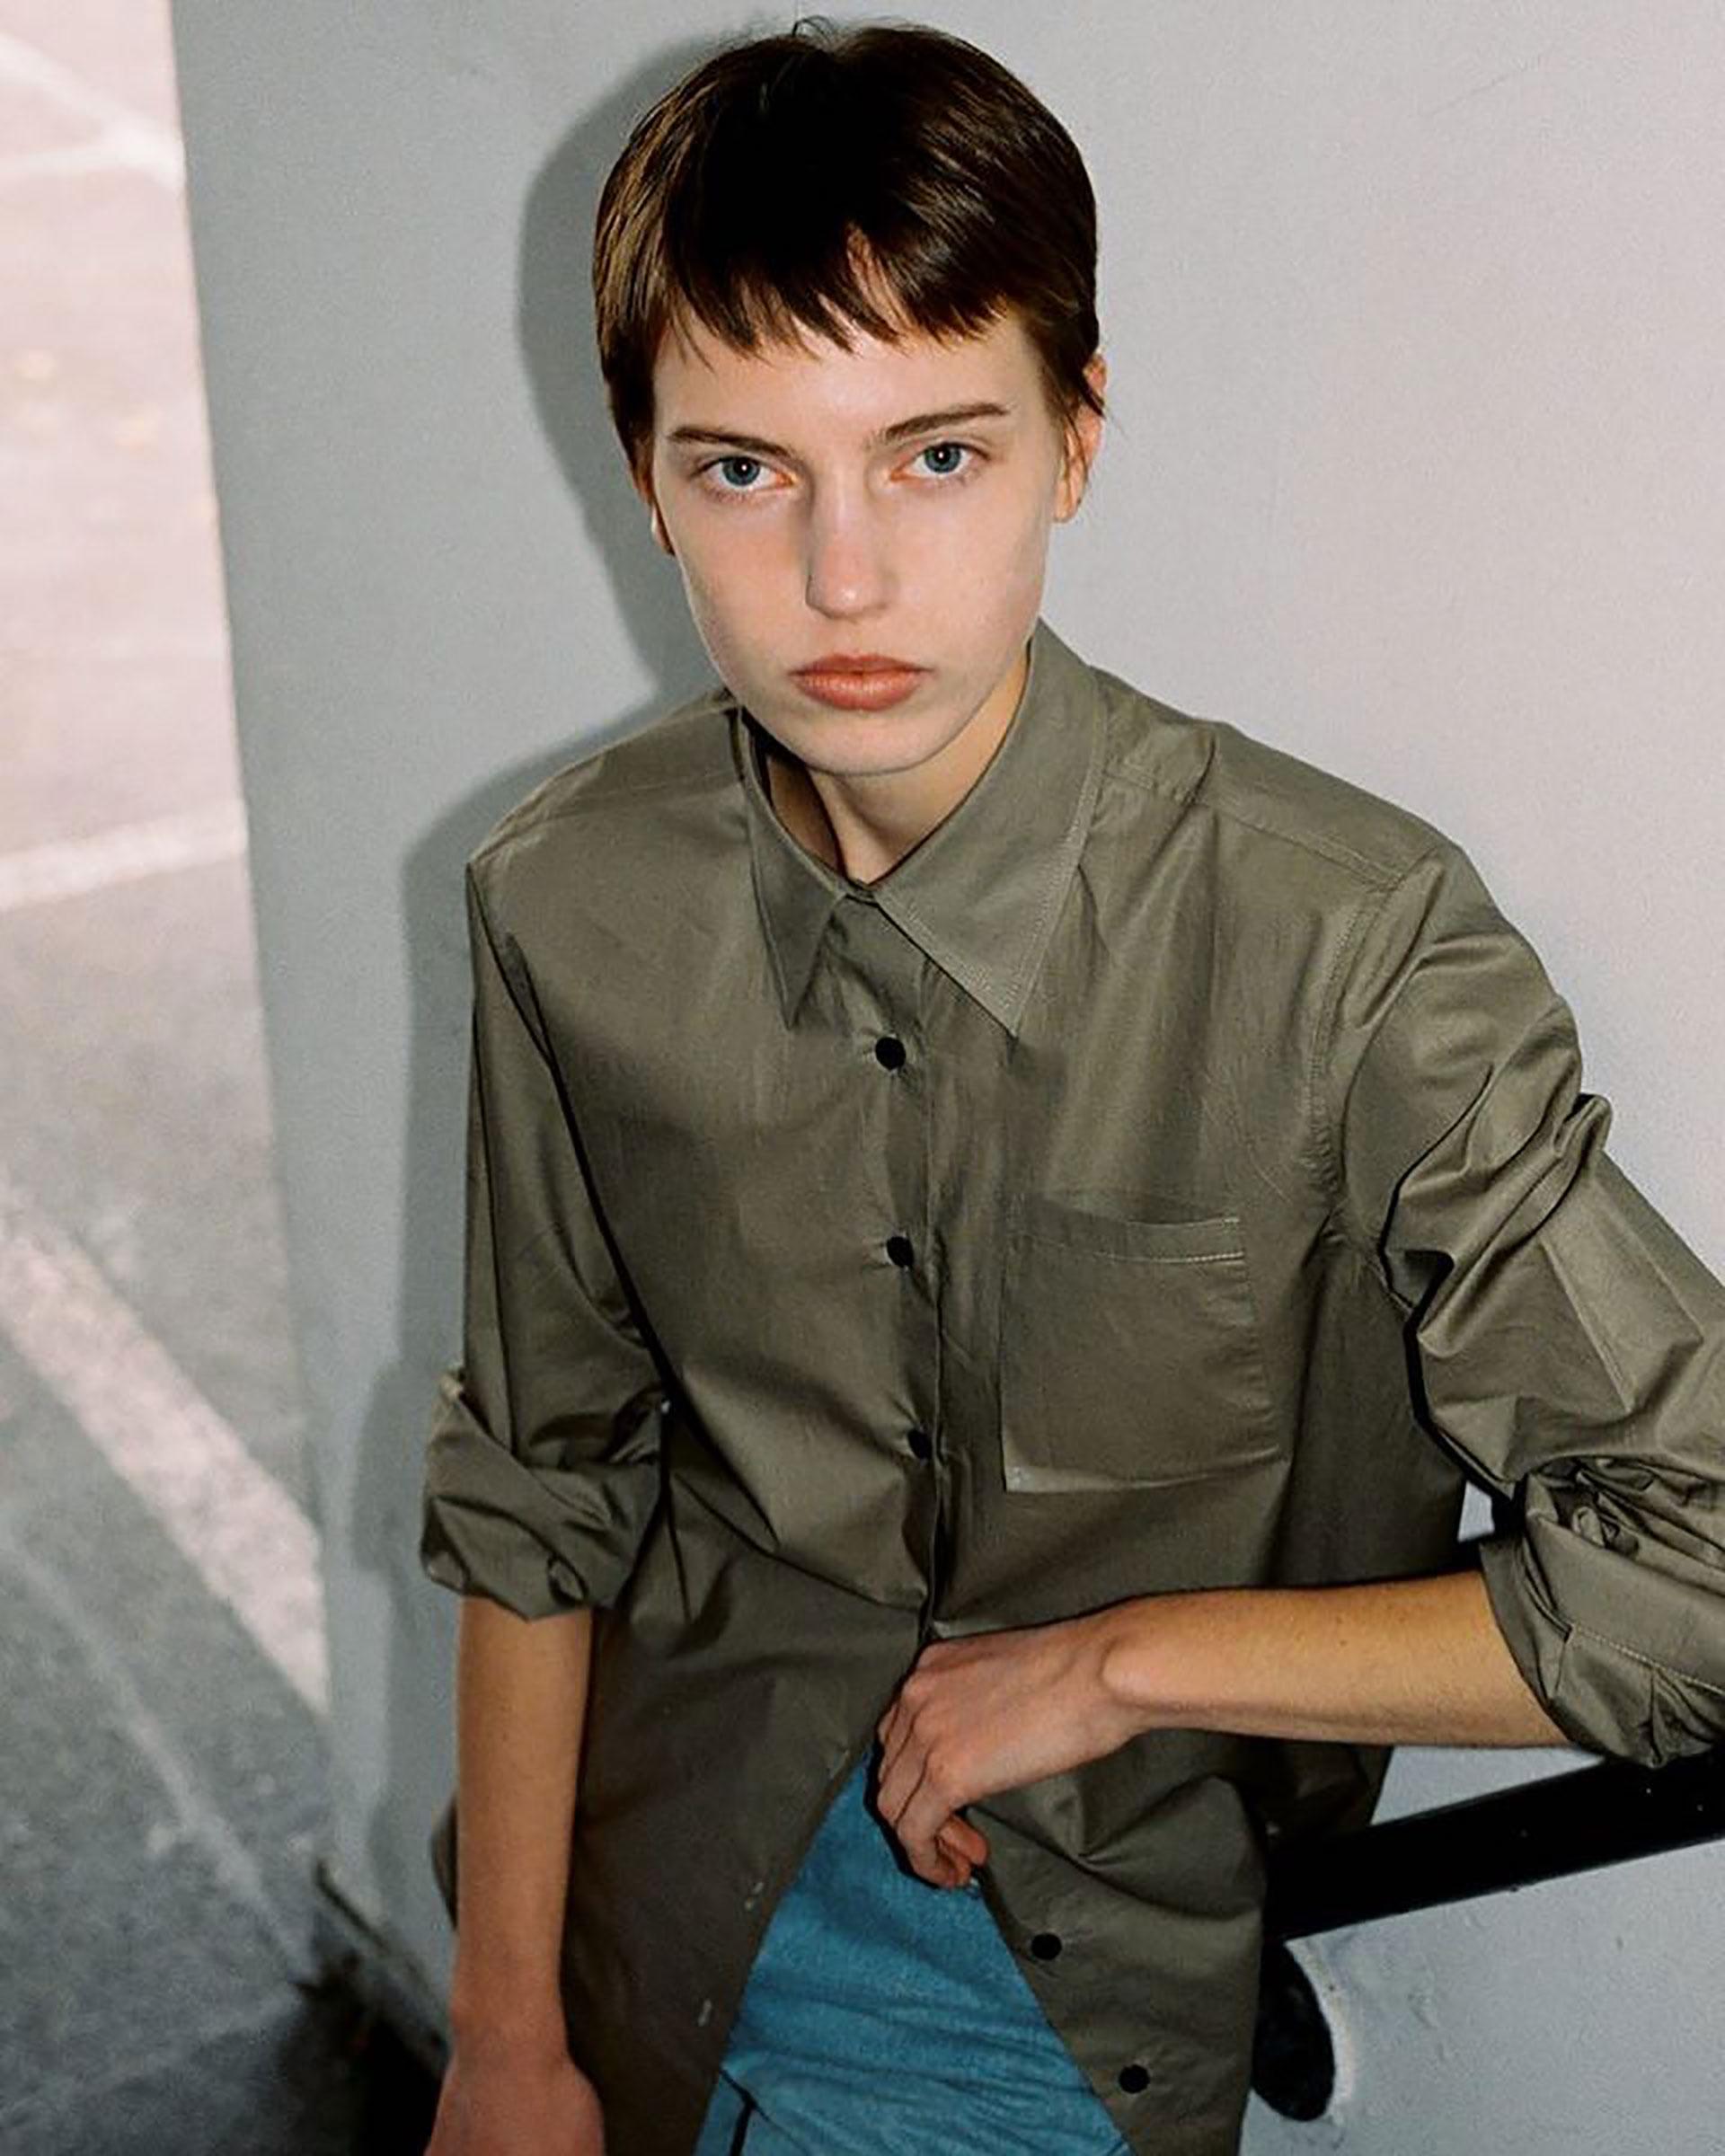 Nikkis Agencia Modelos Porno de las semanas de la moda al estrellato: las nuevas caras